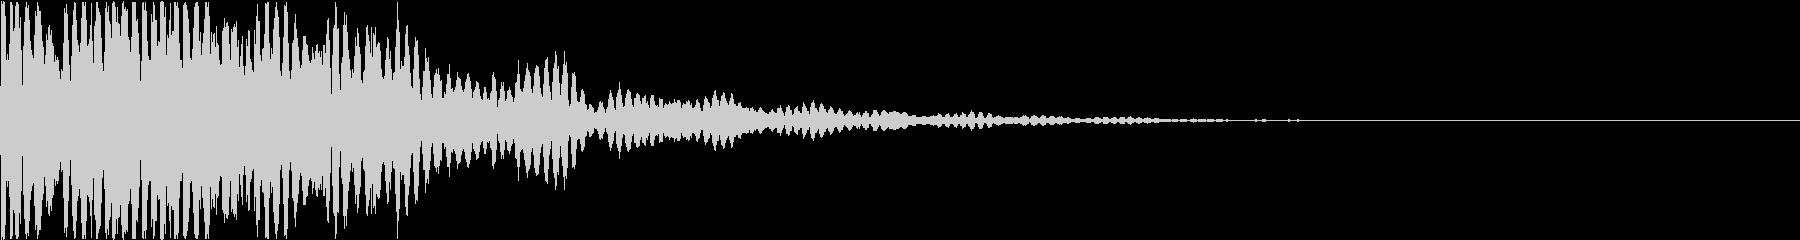 カンカコンカコン(怪しい・不思議・妖)の未再生の波形